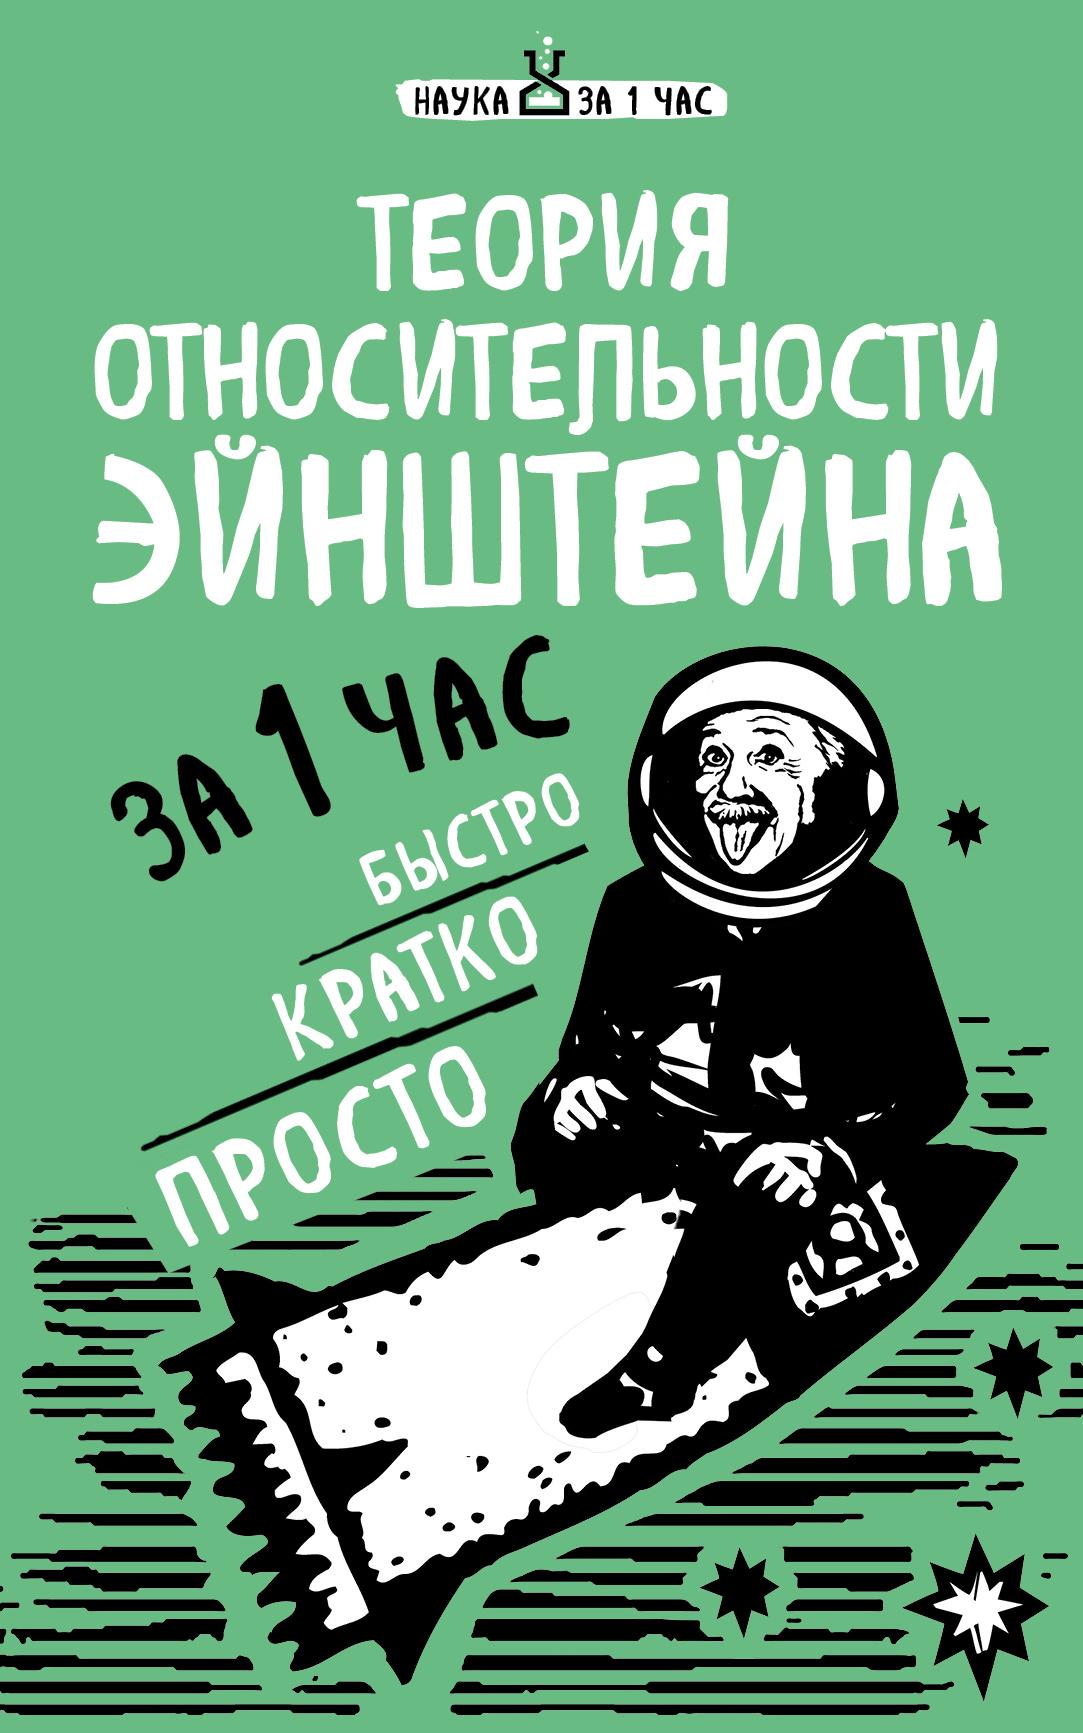 Сердцева Наталья Петровна Теория относительности Эйнштейна за 1 час о д хвольсон теория относительности а эйнштейна и новое миропонимание